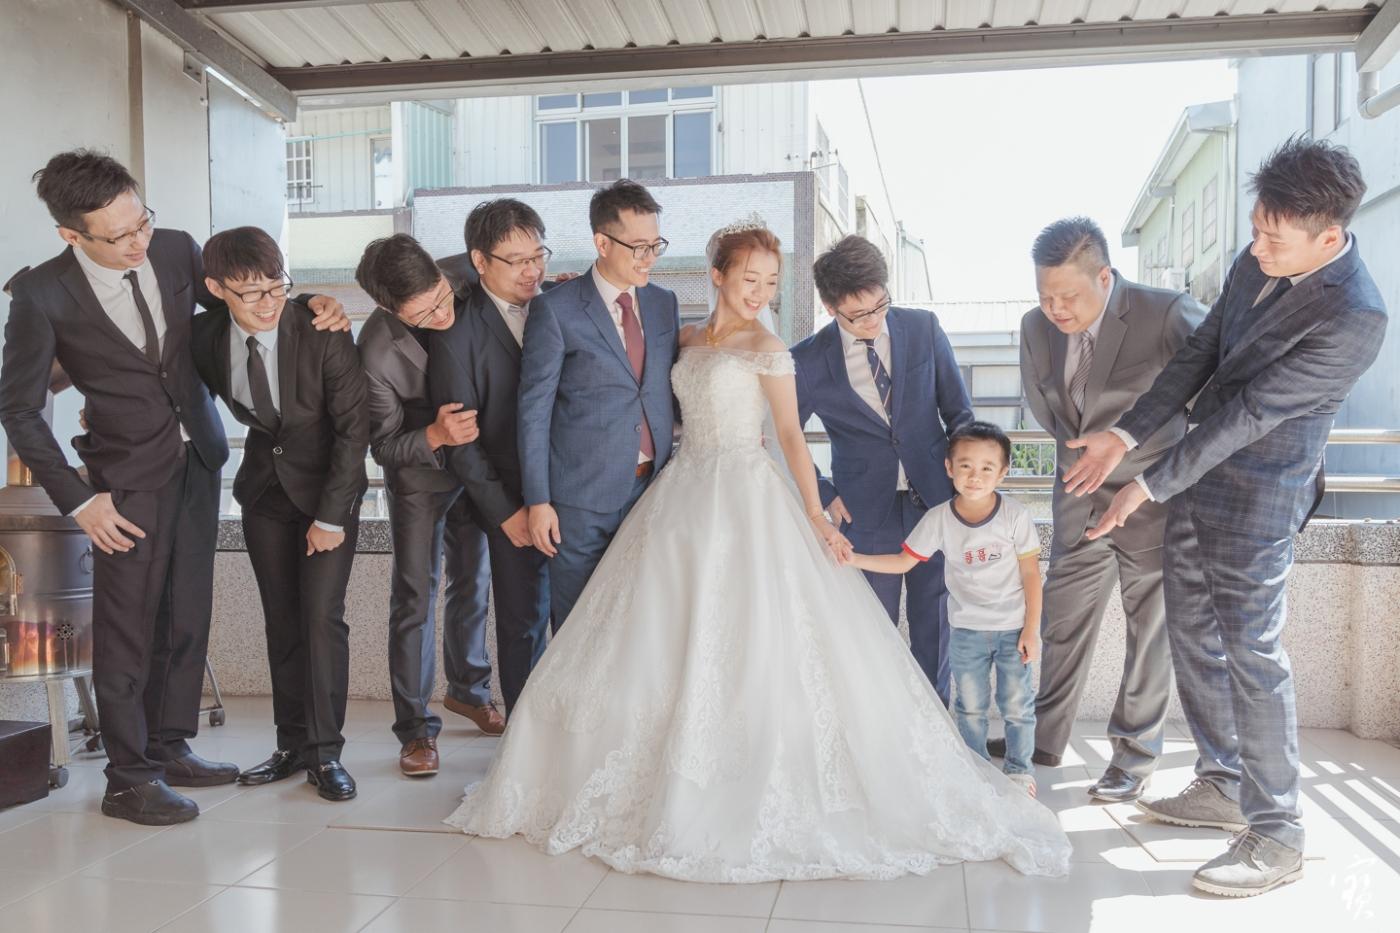 桃園婚禮 晶麒莊園 婚禮攝影 攝影師大寶 北部攝影 桃園攝影 新竹攝影 台北攝影 婚攝 早儀晚宴 1071014-61